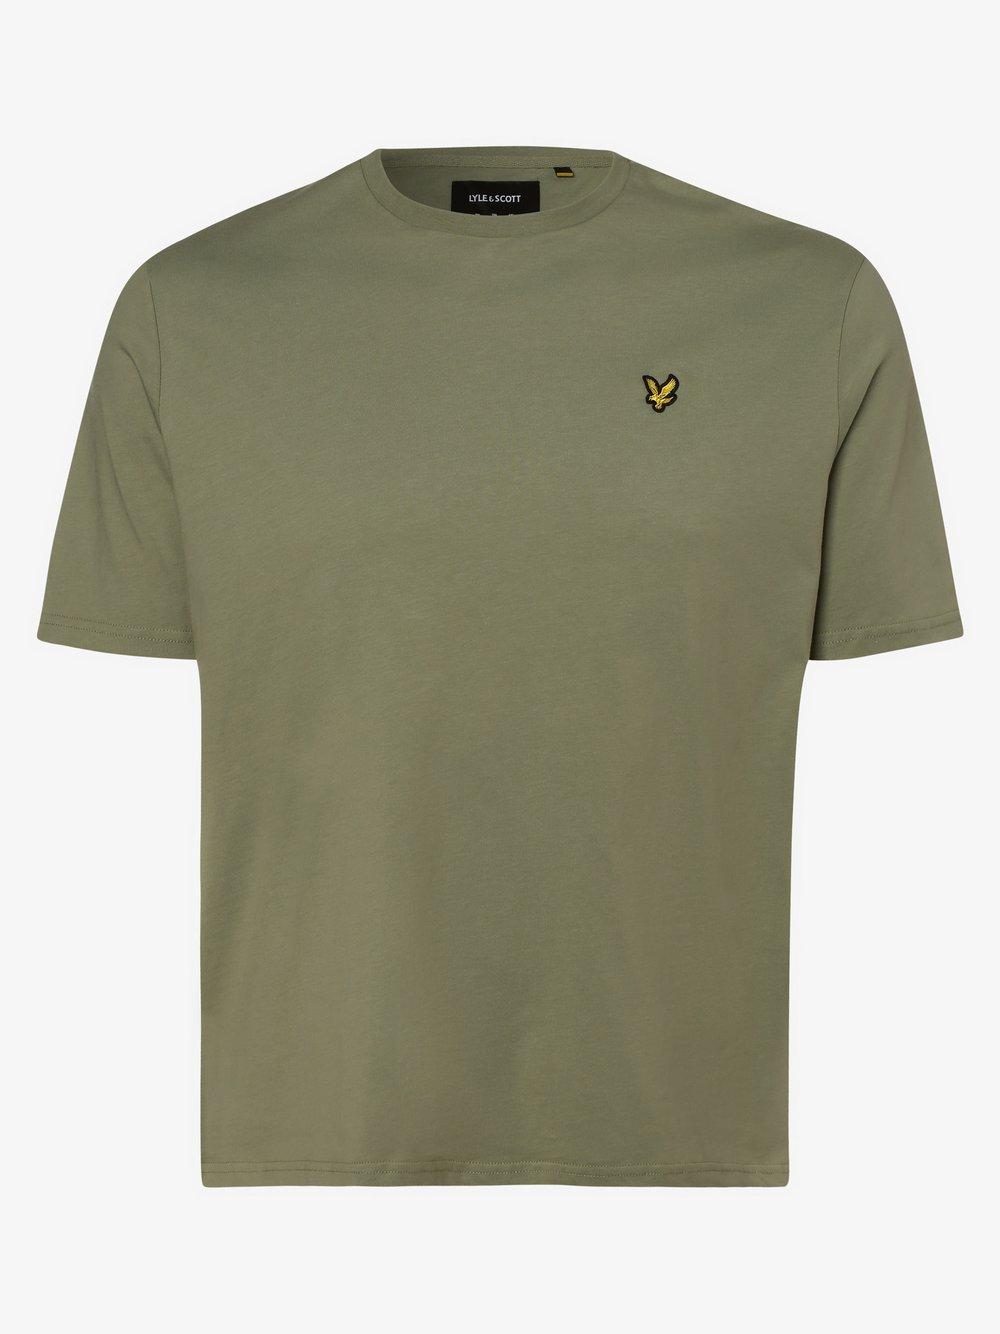 Lyle & Scott - T-shirt męski – duże rozmiary, zielony